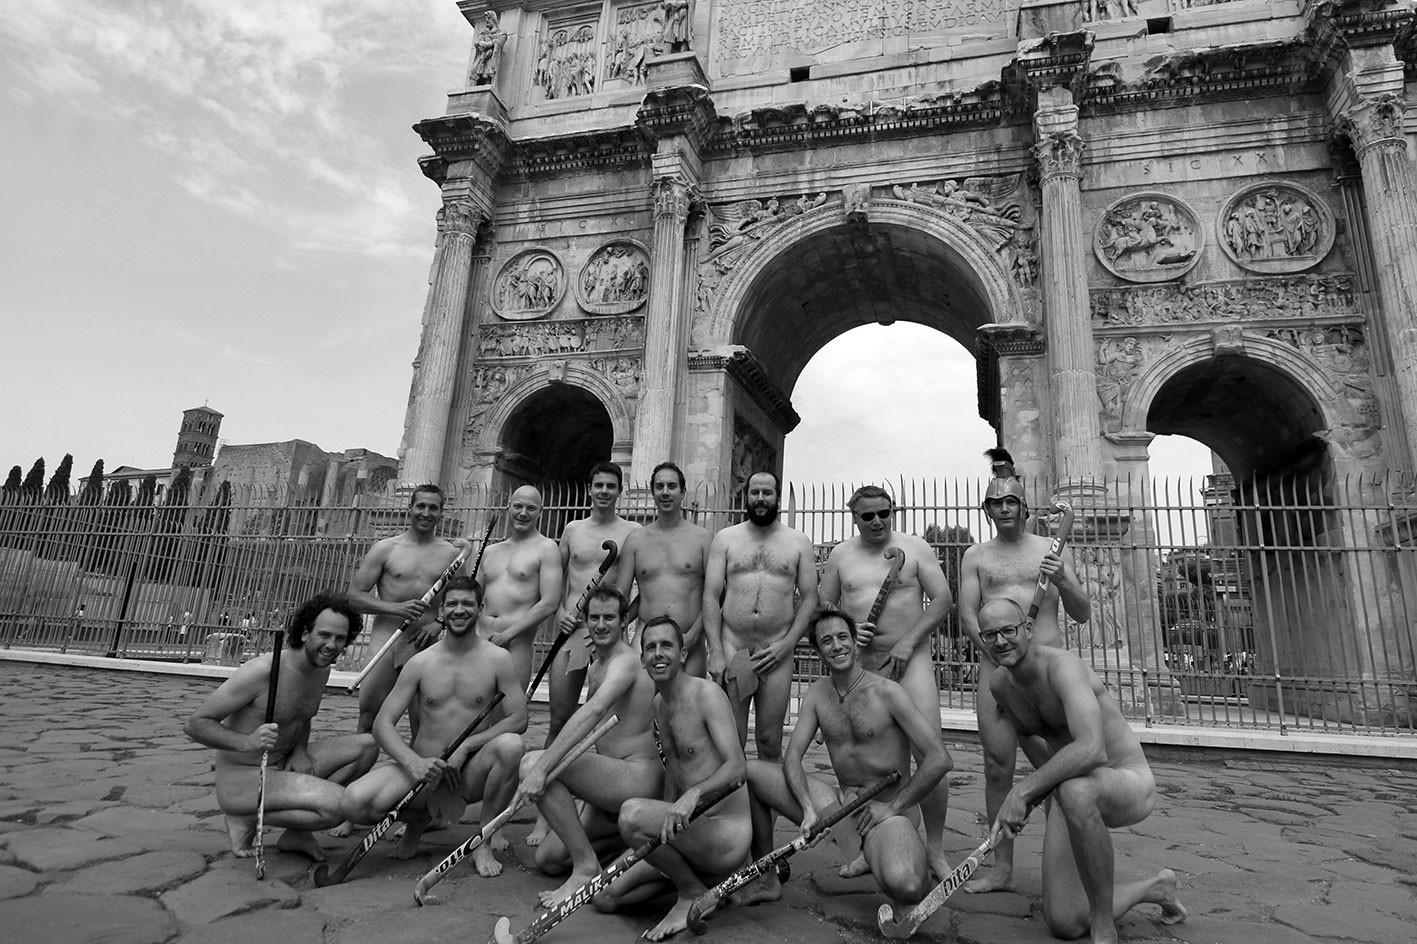 Les hockeyeurs liégeois à Rome (2015), Sébastien Bourguignon